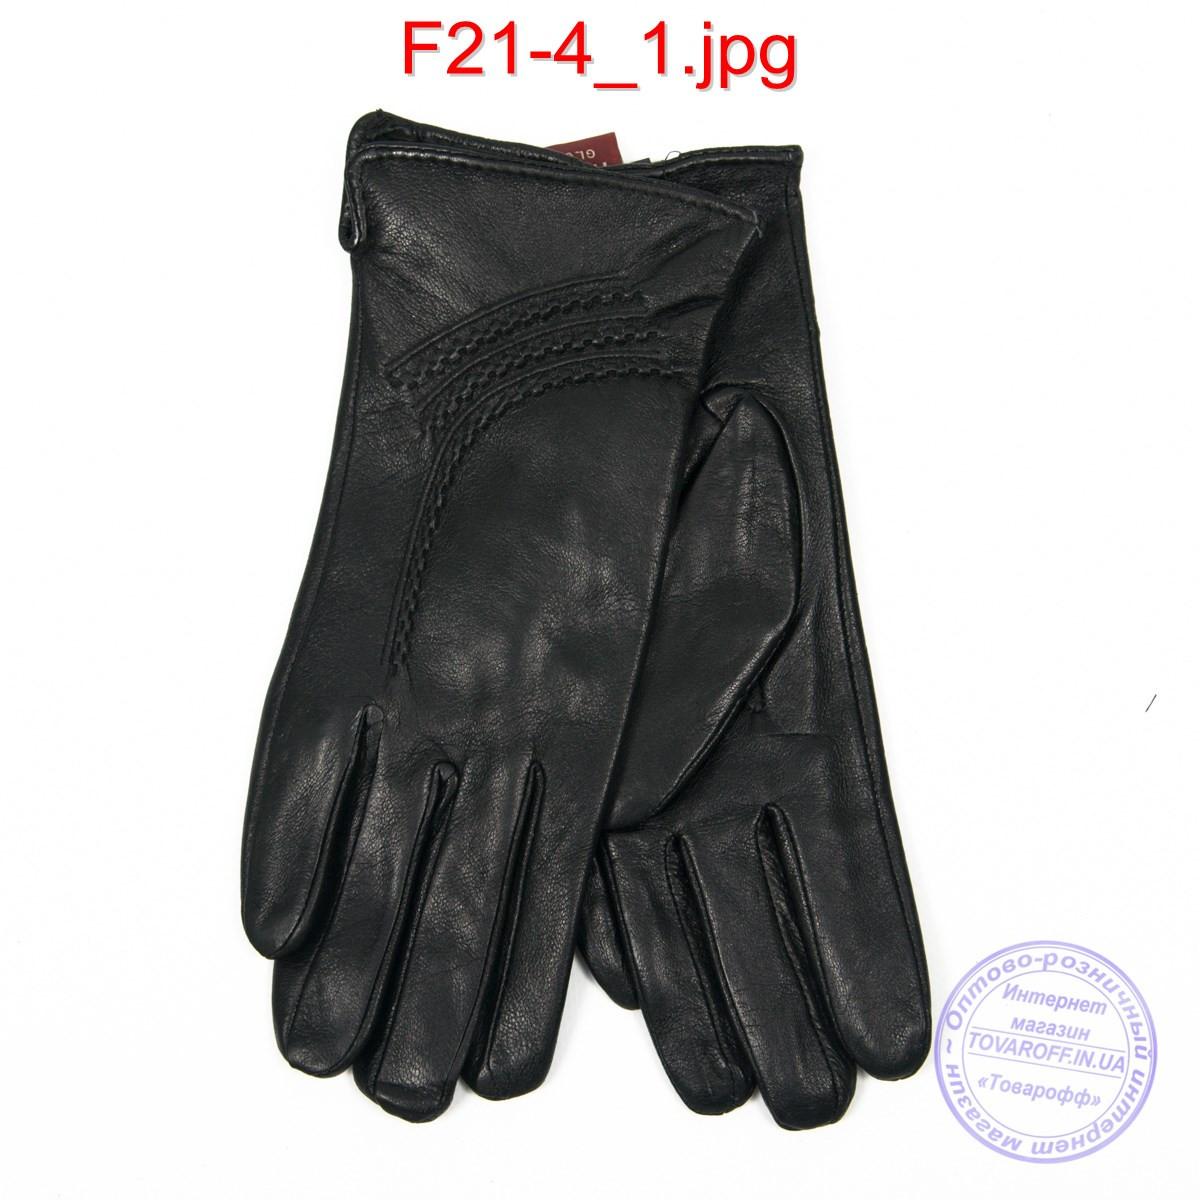 Оптом жіночі шкіряні рукавички на плюше - F21-4